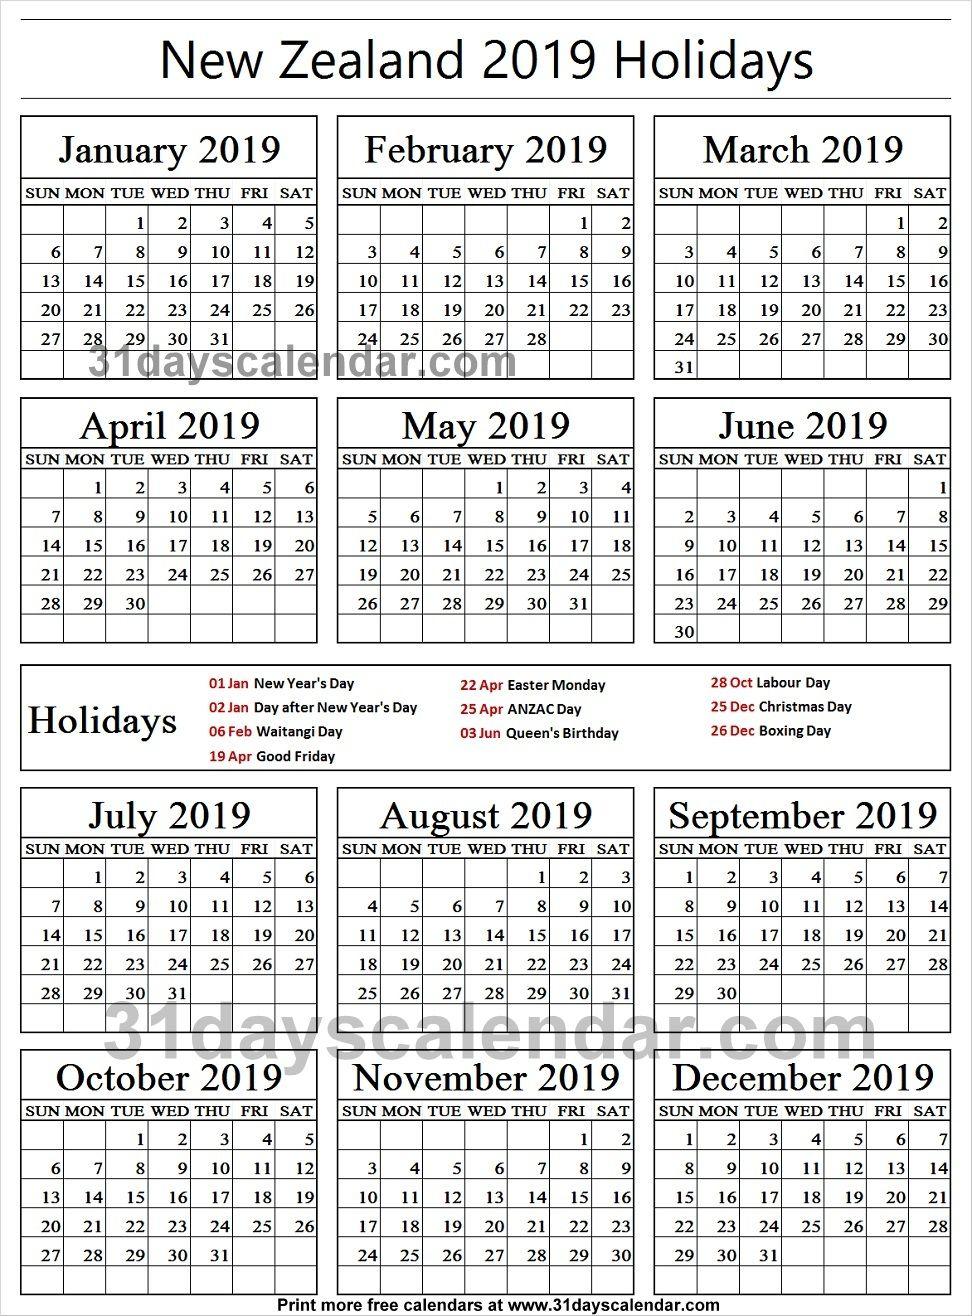 New Zealand National Holidays 2019 Calendar Philippine Holidays